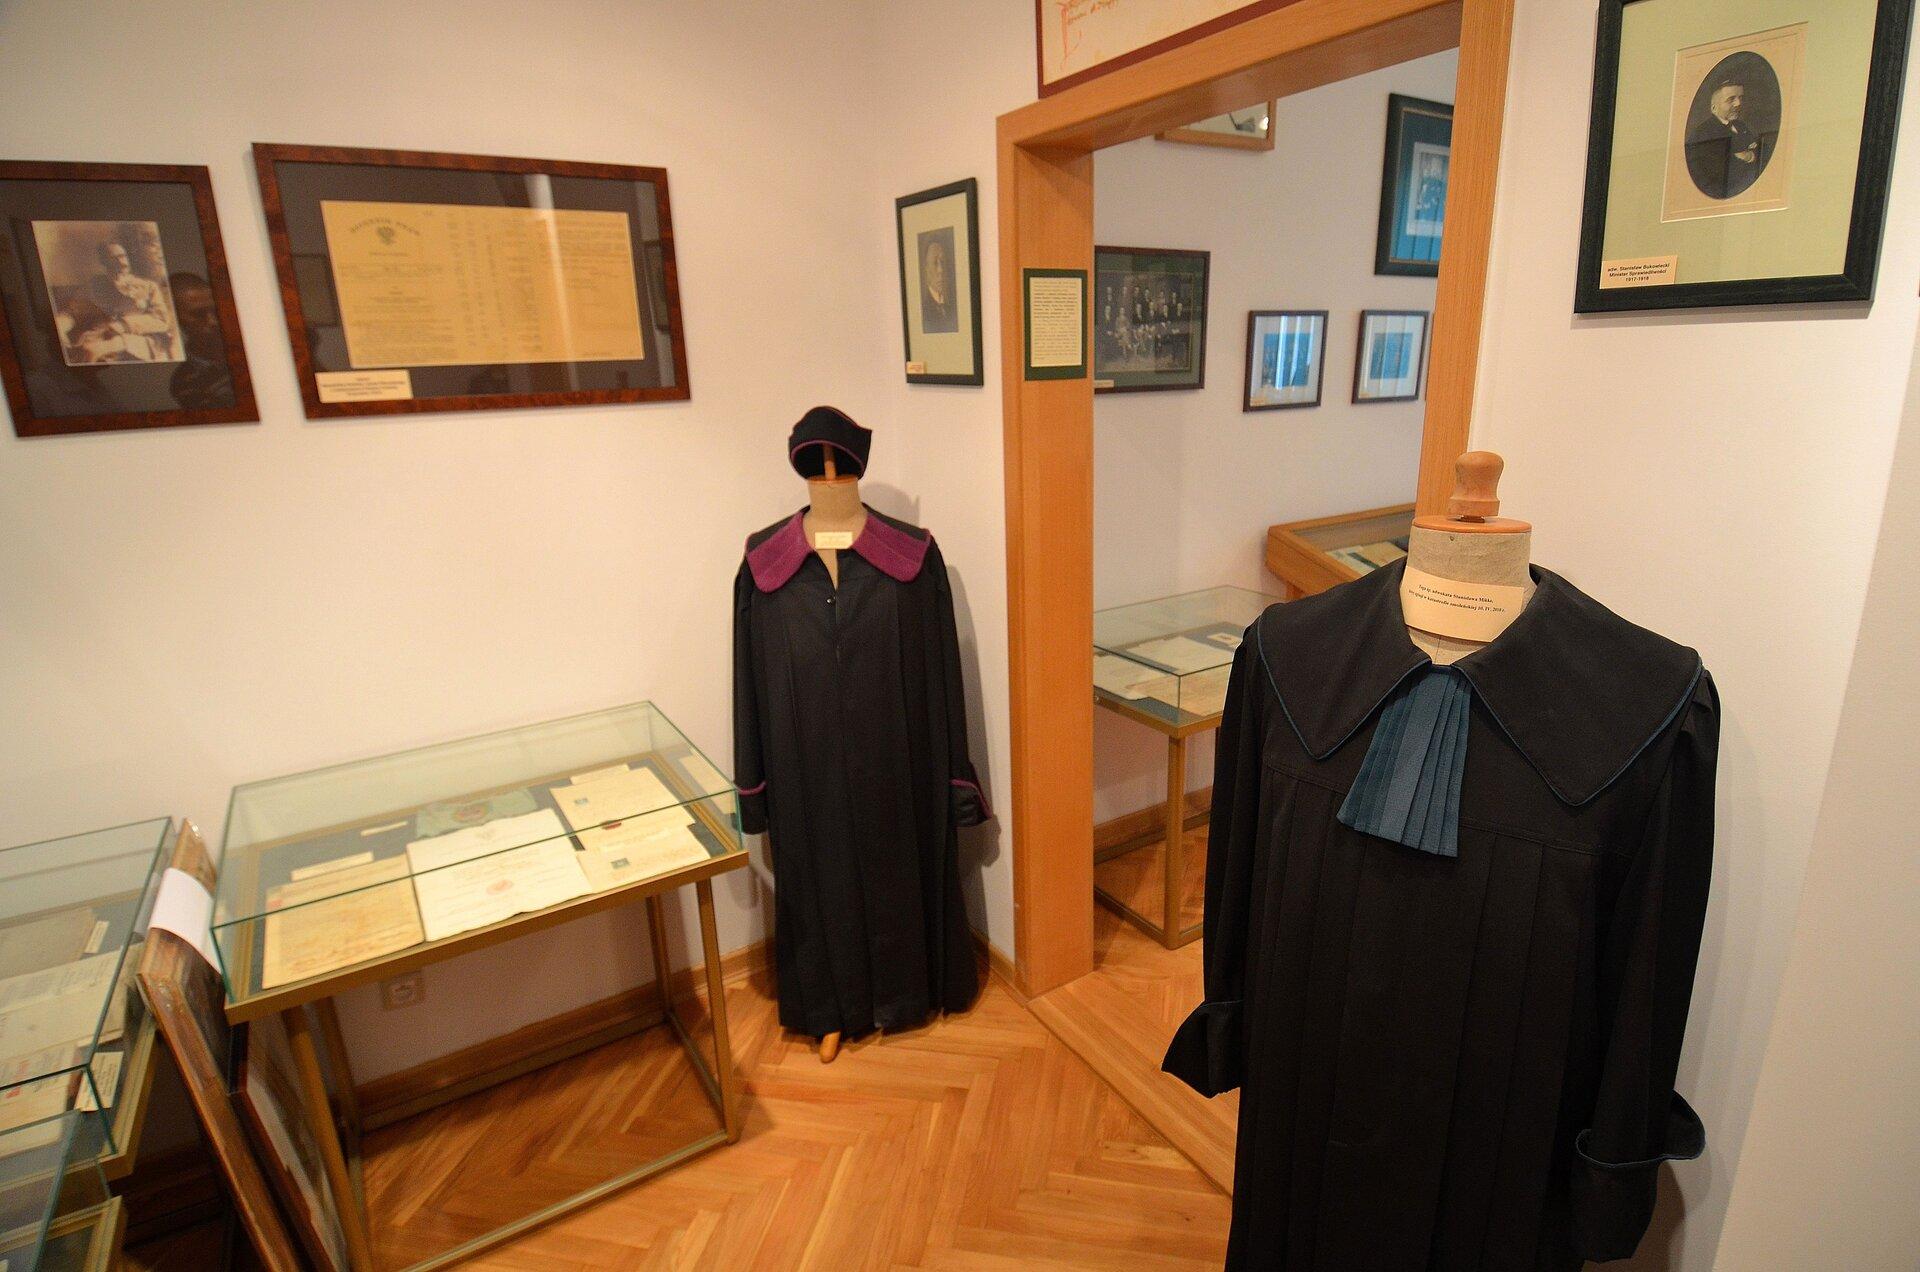 Muzeum Adwokatury Polskiej wWarszawie Źródło: Adrian Grycuk, Muzeum Adwokatury Polskiej wWarszawie, licencja: CC BY-SA 3.0.